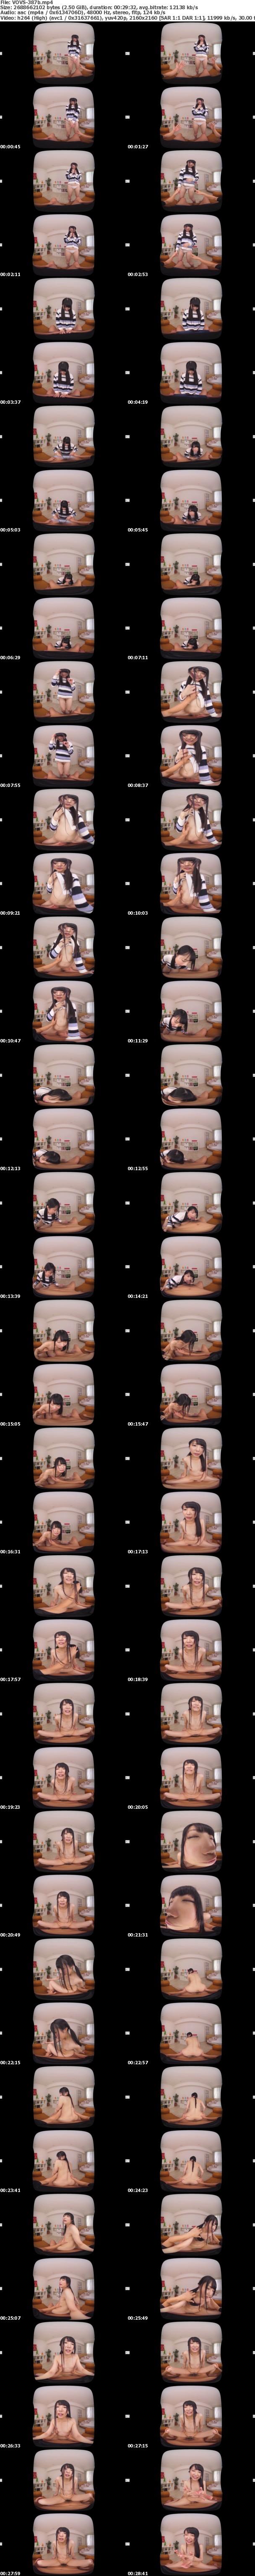 VR/3D [VOVS-387] 【VR】長尺42分・高画質 おちん●んが大好きな妹~朝勃したチン●ンで遊ばれて~ 神谷千佳